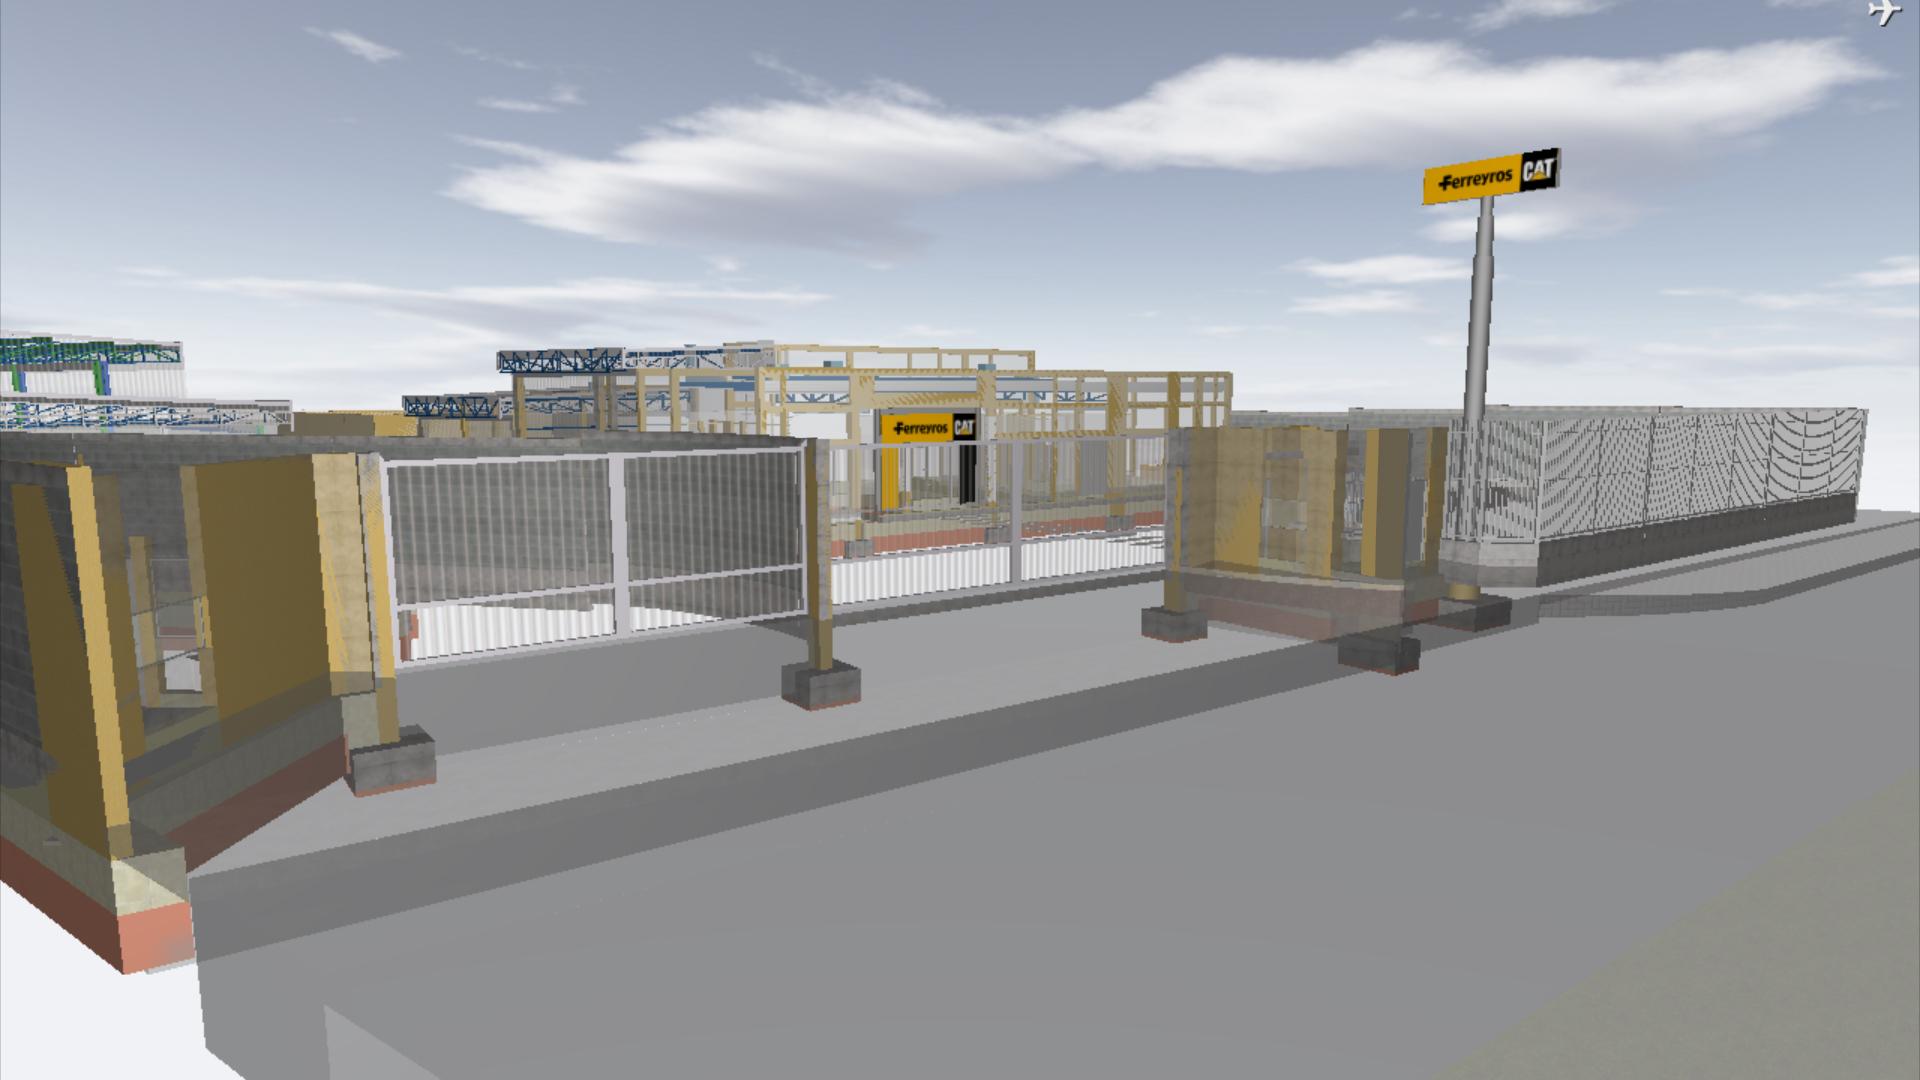 Ferreyros invierte más de S/ 5 millones en construcción de nuevas instalaciones en Ica